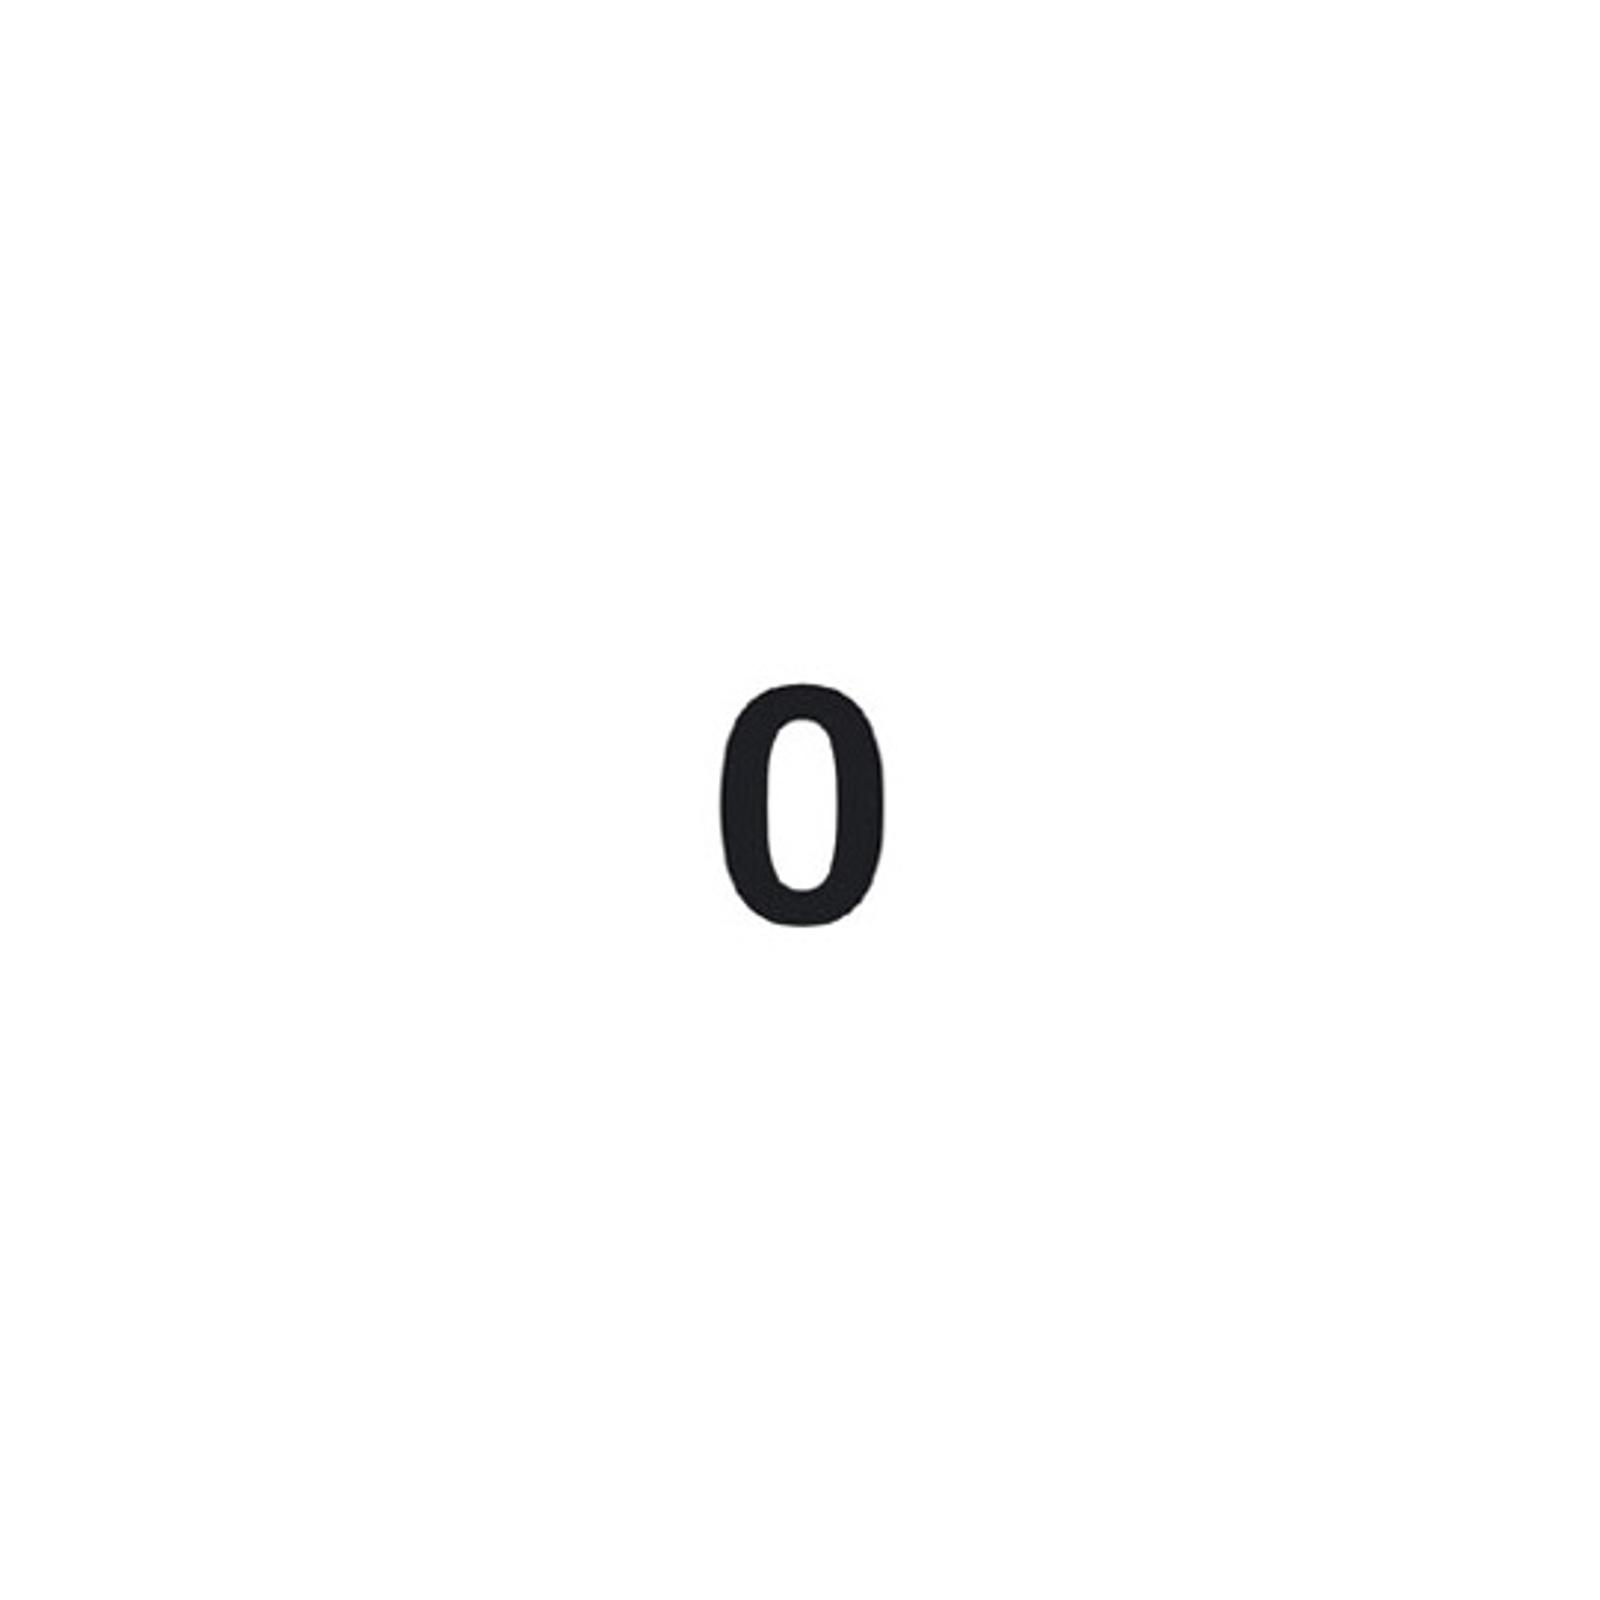 samoprzylepna cyfra 0